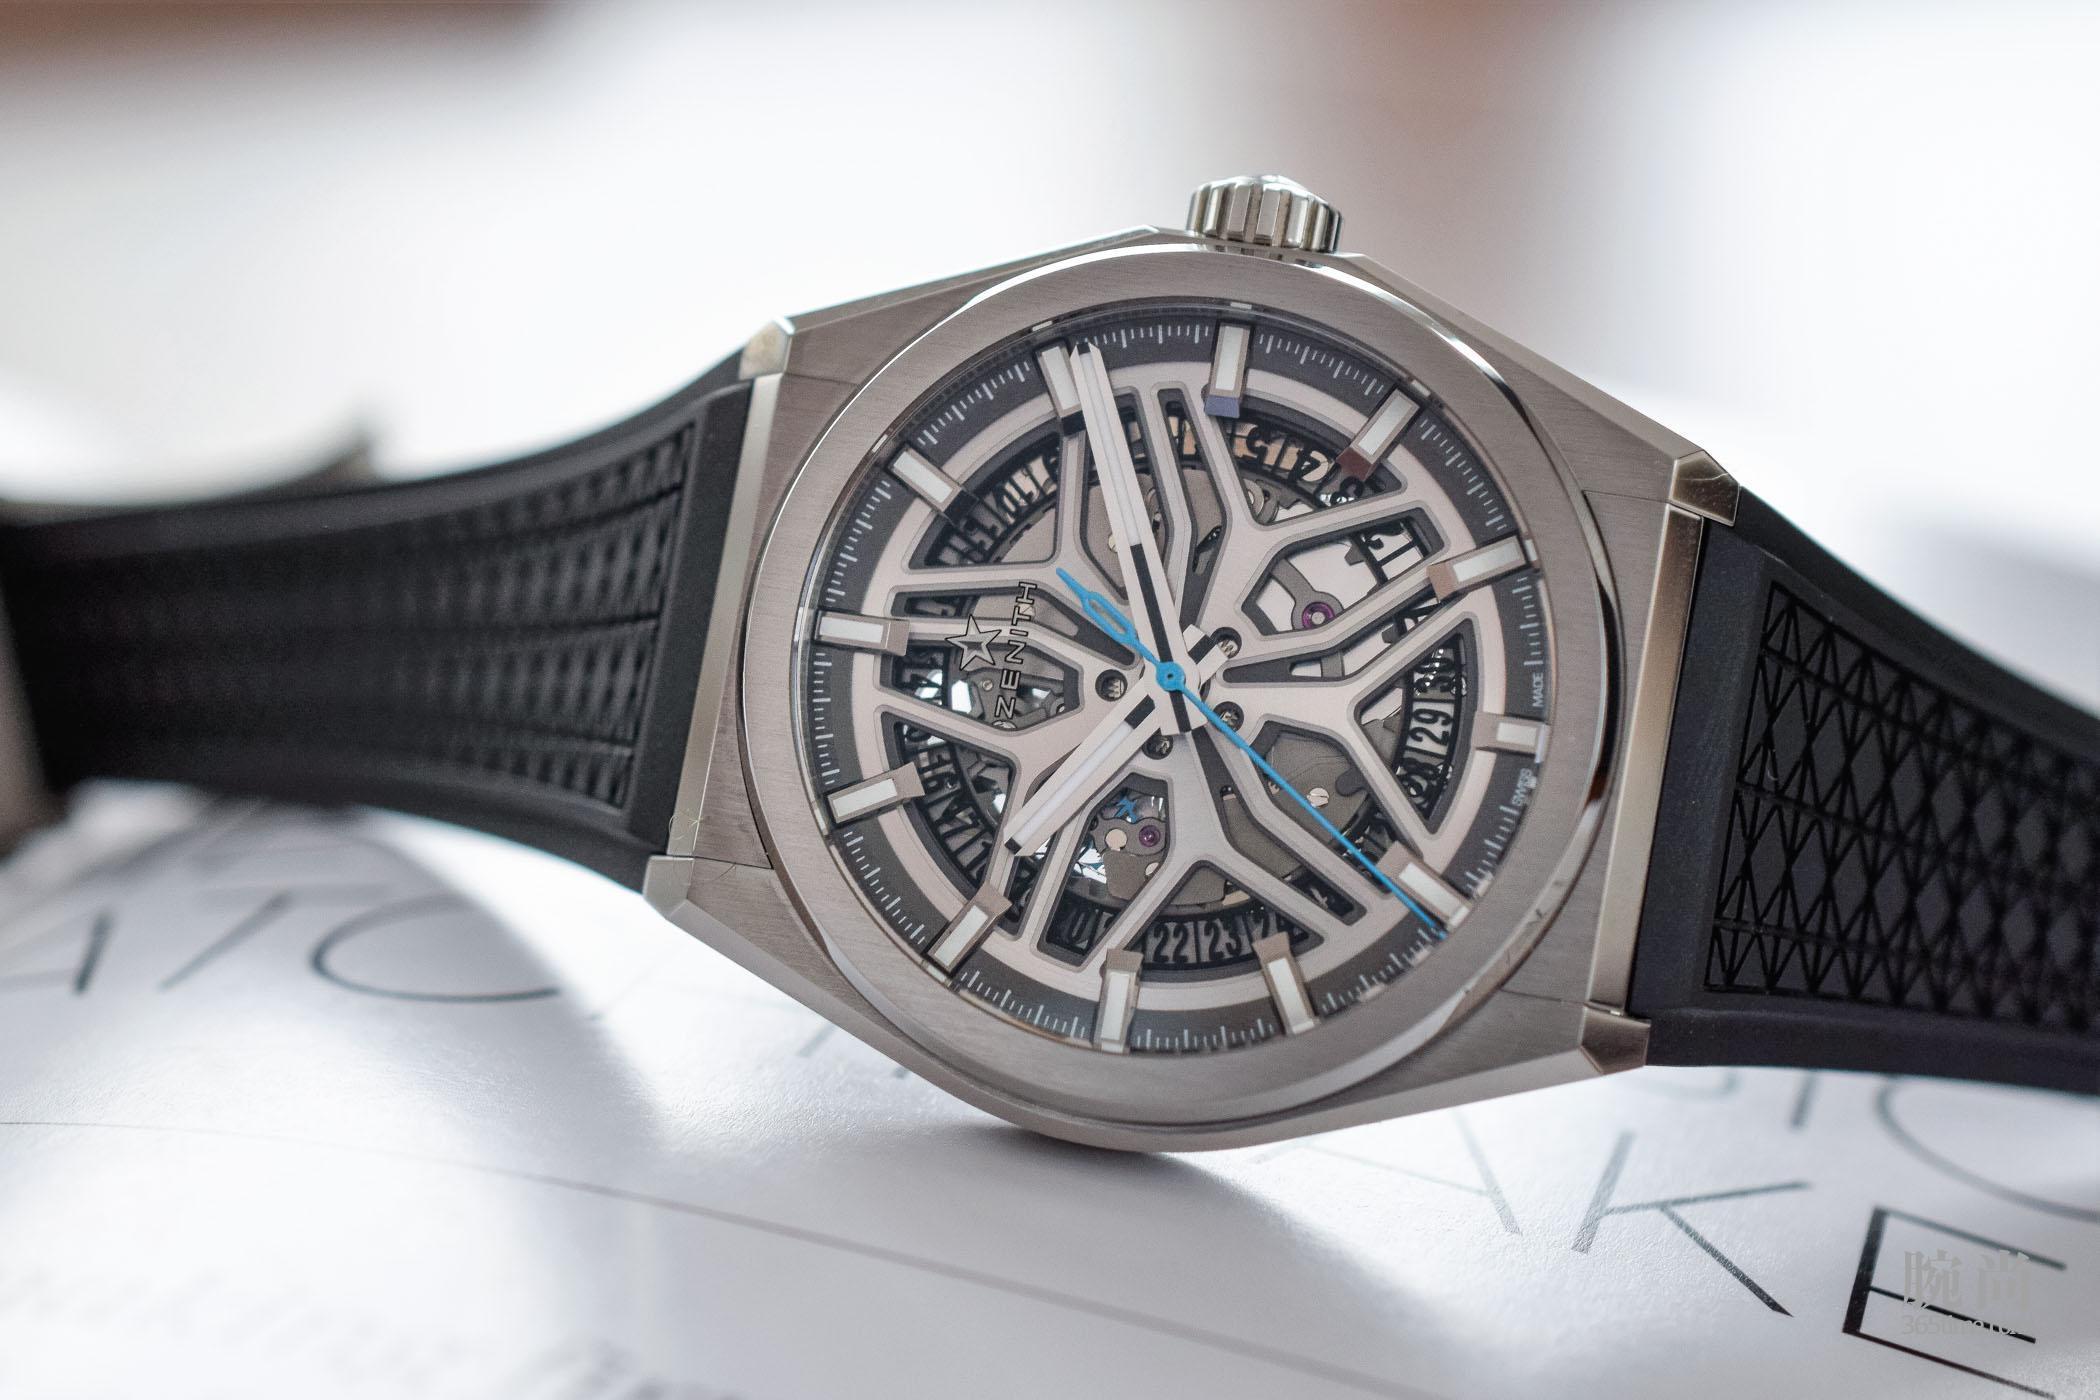 2018年新款真力时Zenith手表回收价格多少钱?